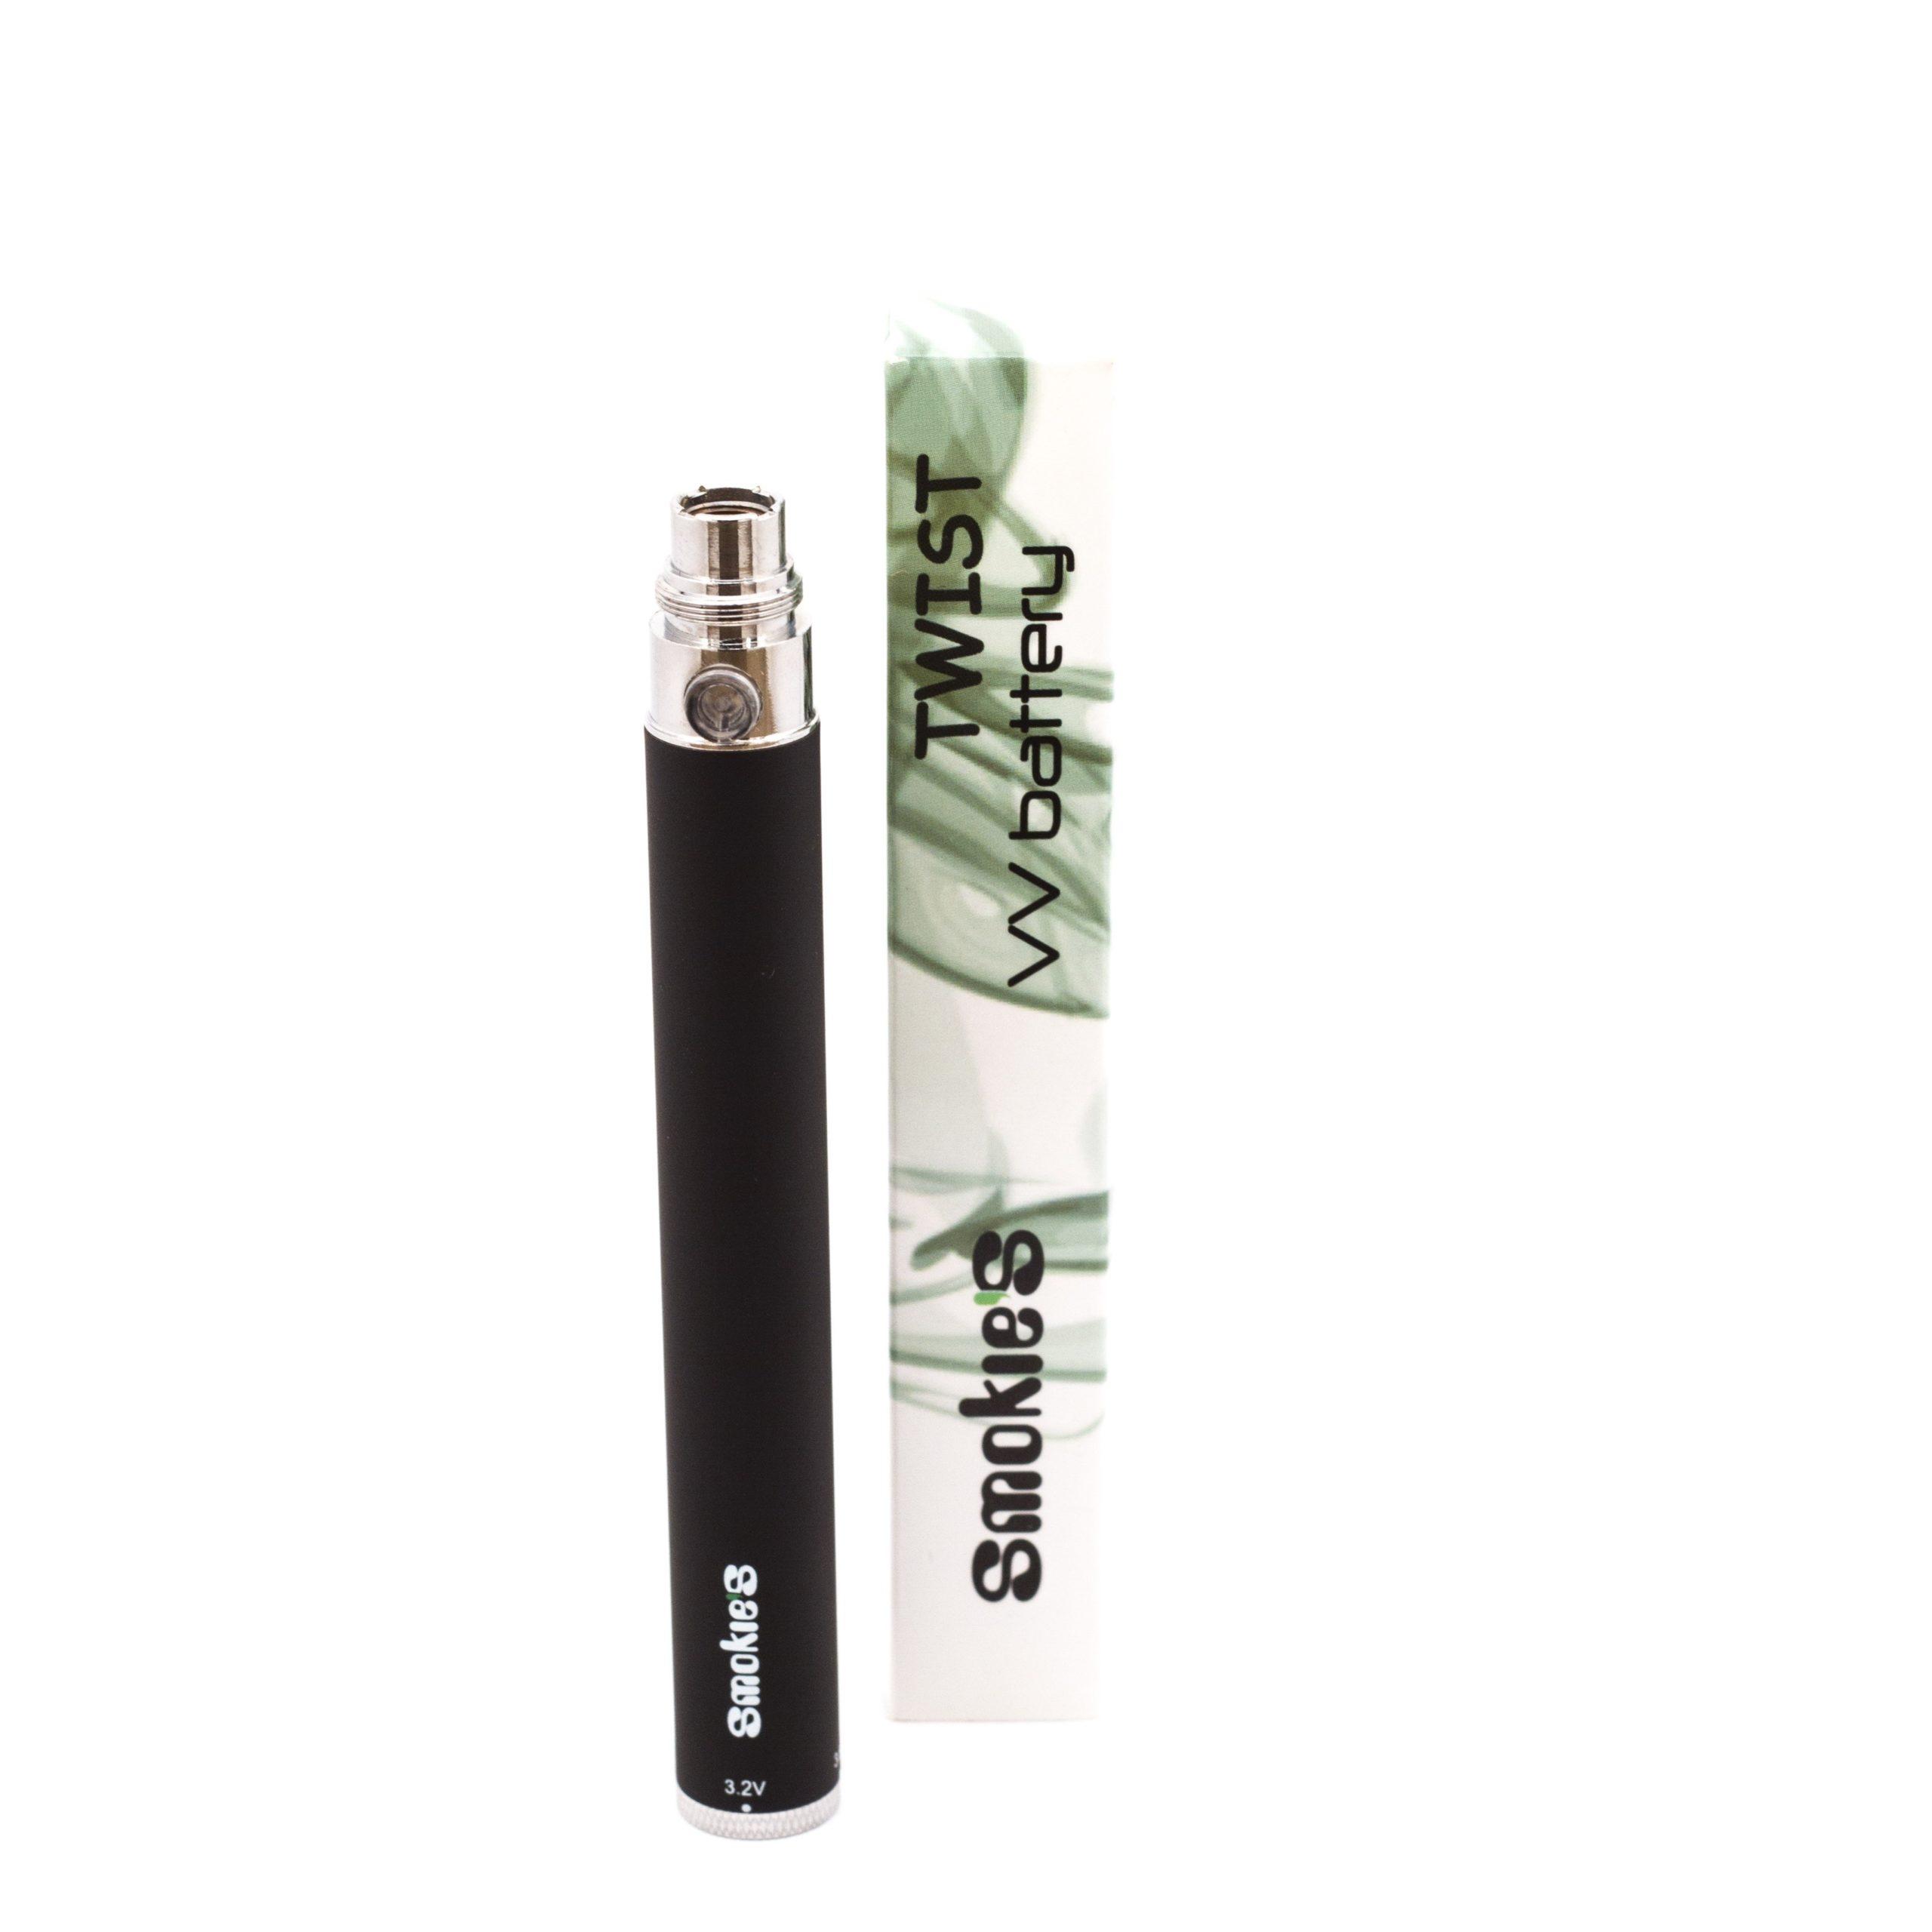 eGo Twist VV batterij van 1100 mAh met eGo en 510 aansluiting. Deze batterij heeft instelbare voltage en is beveiligd tegen kortsluiting en ontlading. Aan/uit doormiddel van 5x clicken